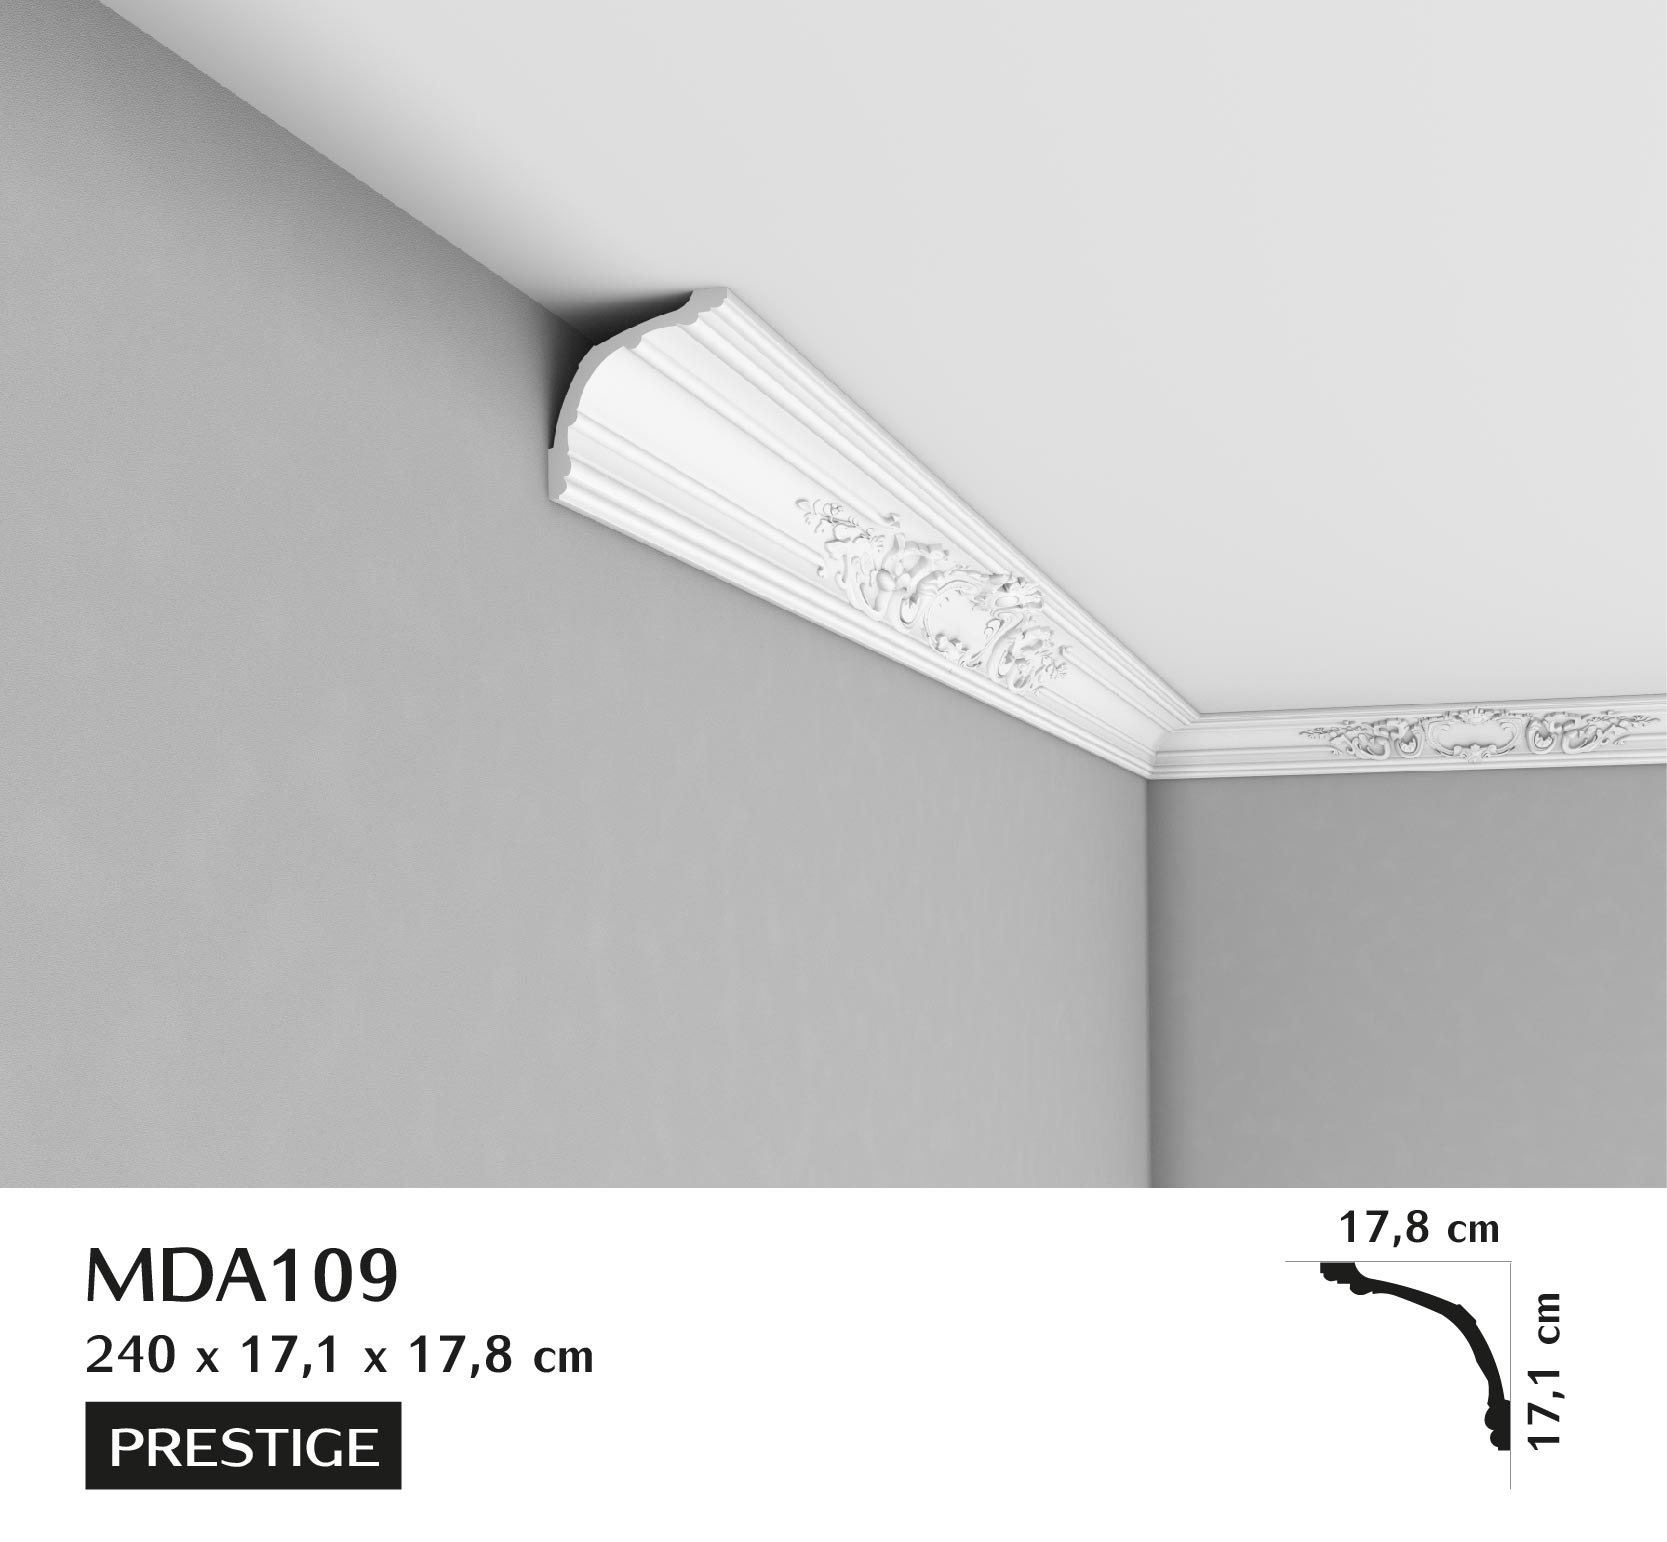 Mda109 1